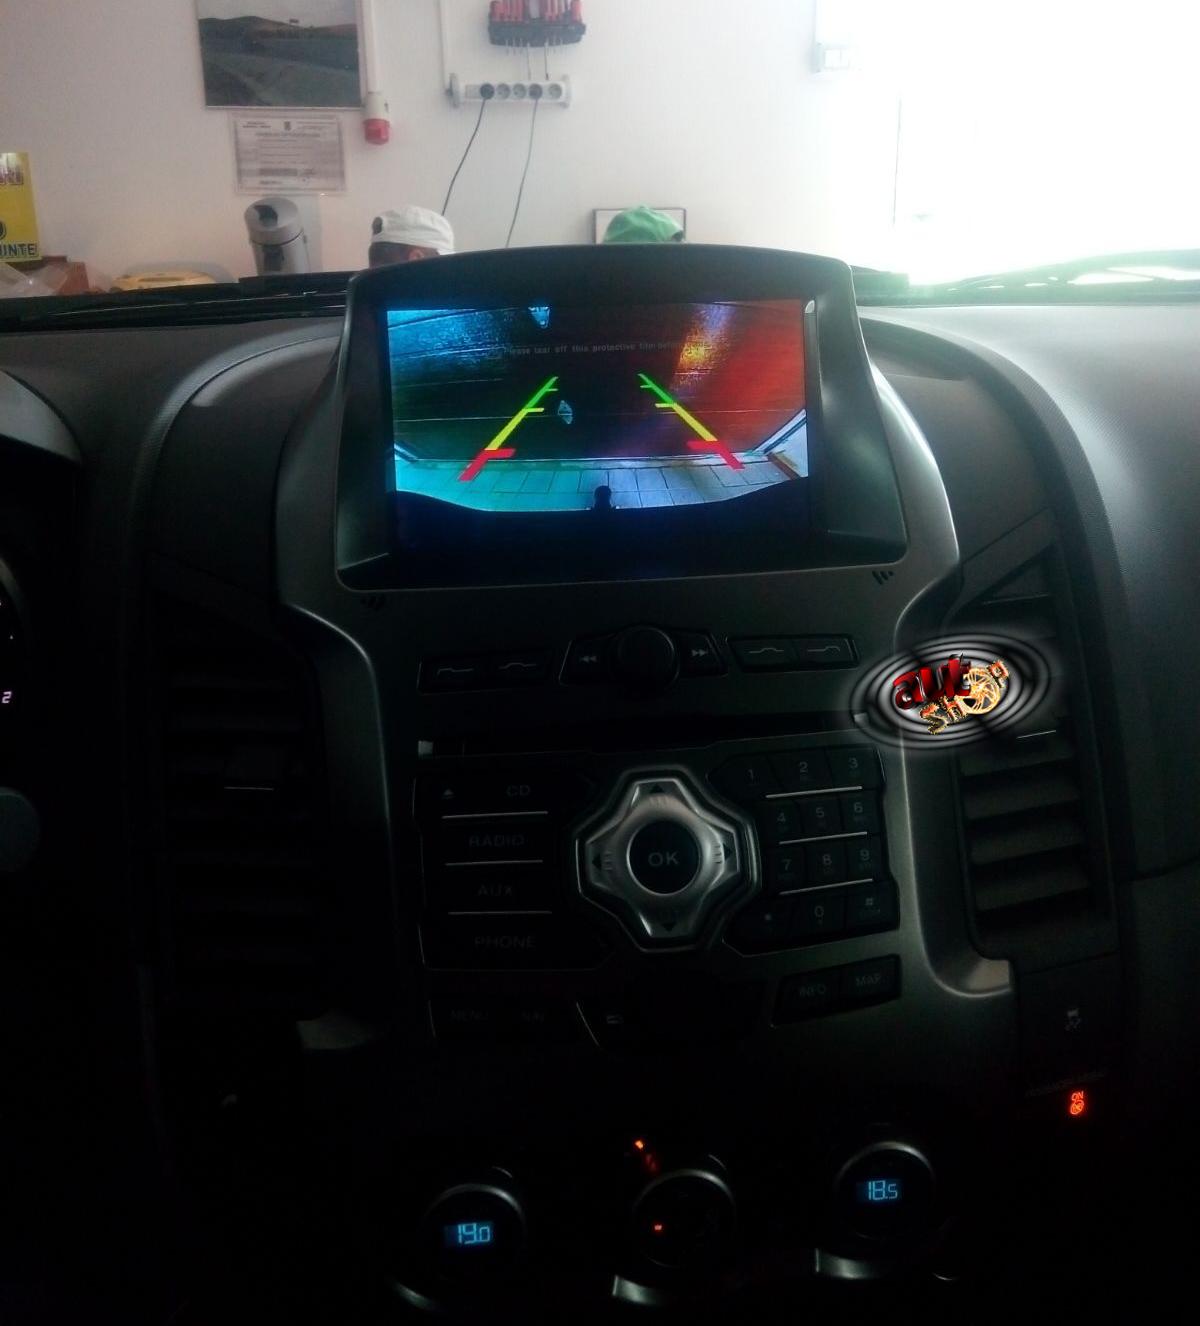 gps cu android pentru ford ranger cu acces internet wireless multimedia filme tv digital muzica caraudiomarket